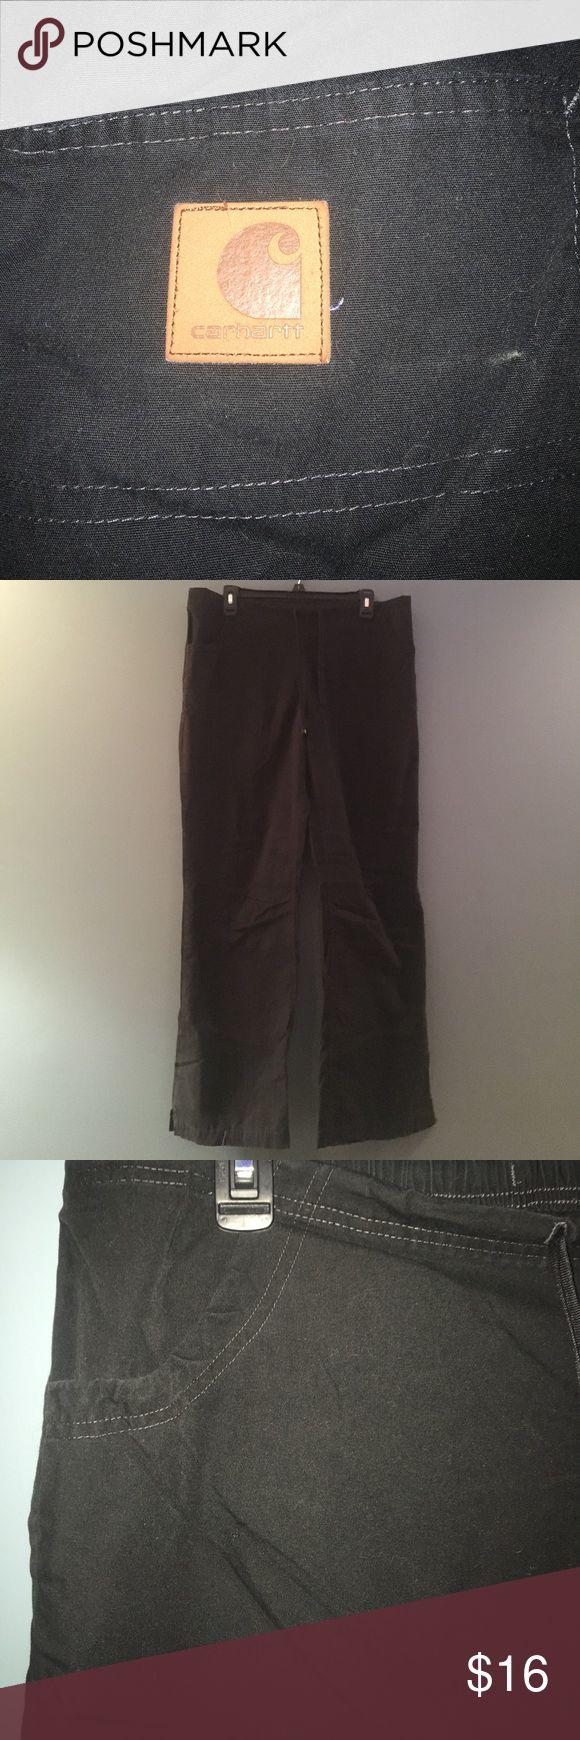 Carhartt scrub pants. Size L Carhartt scrub pants. Size L. Matching top in closet Carhartt Pants